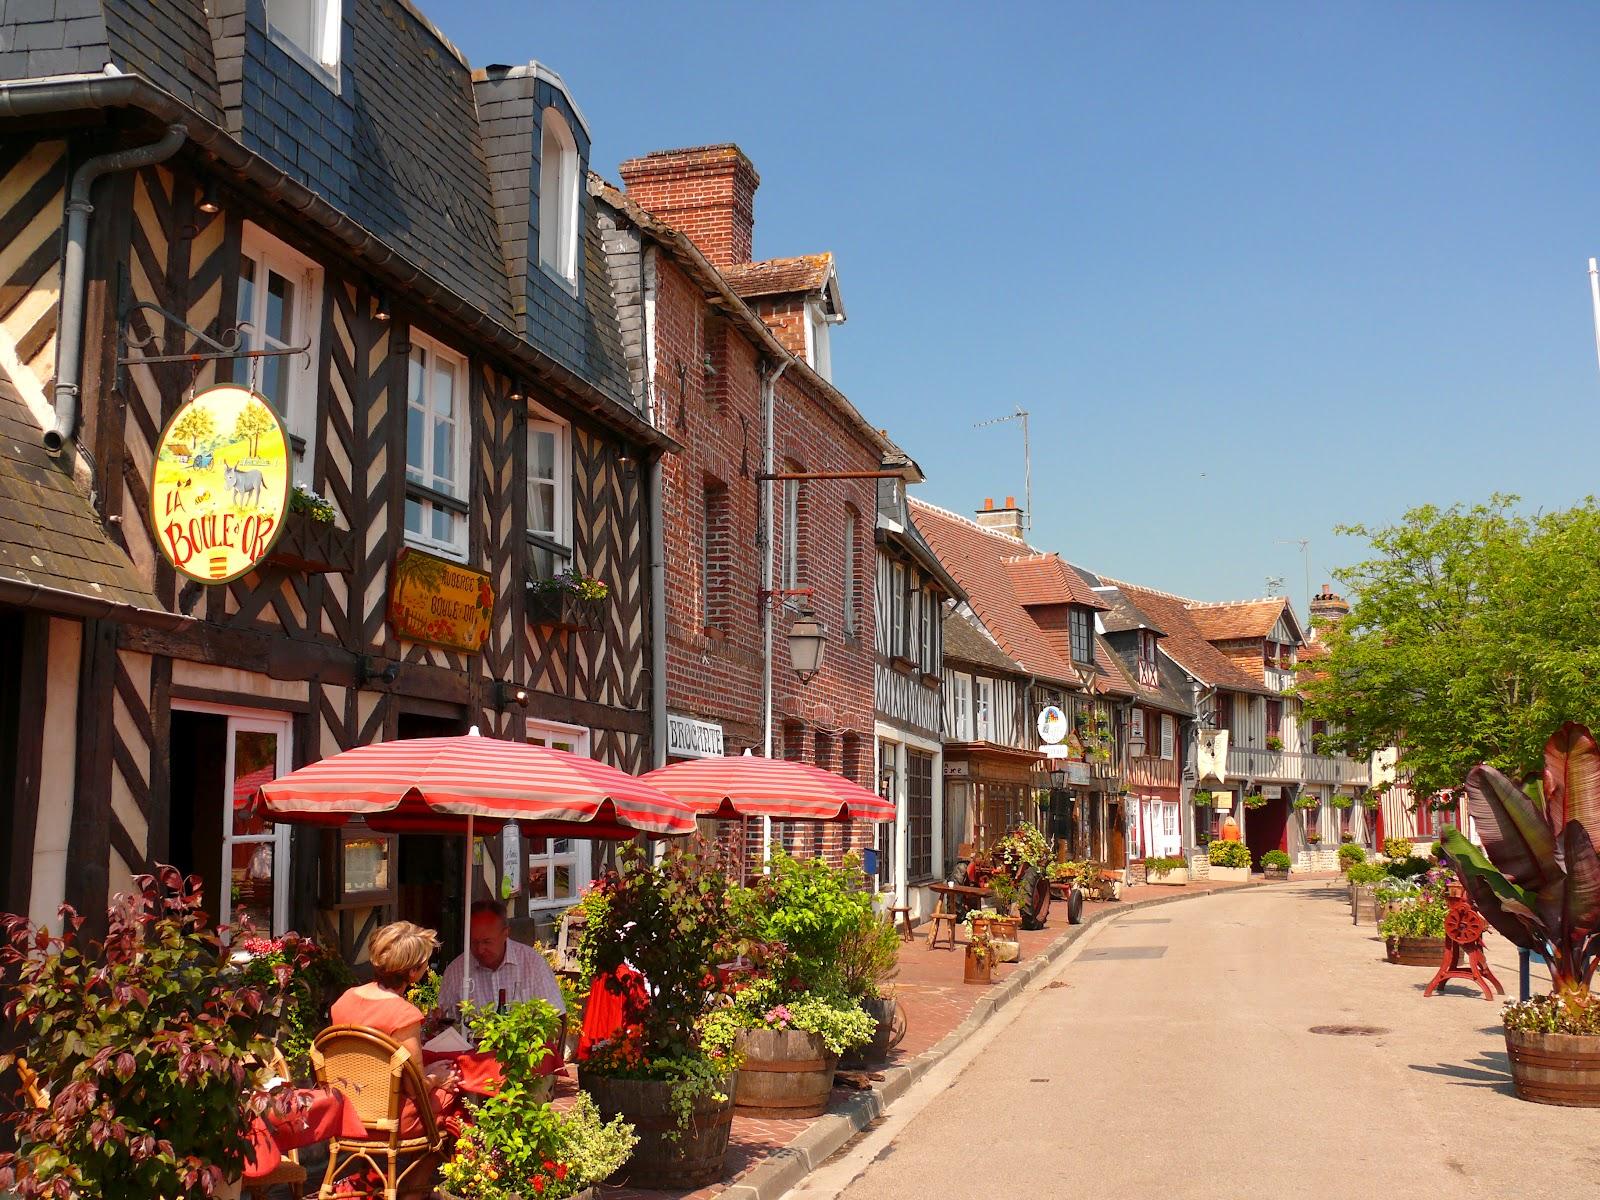 La foire aux geranium beuvron en auge - Les plus beaux villages de normandie ...